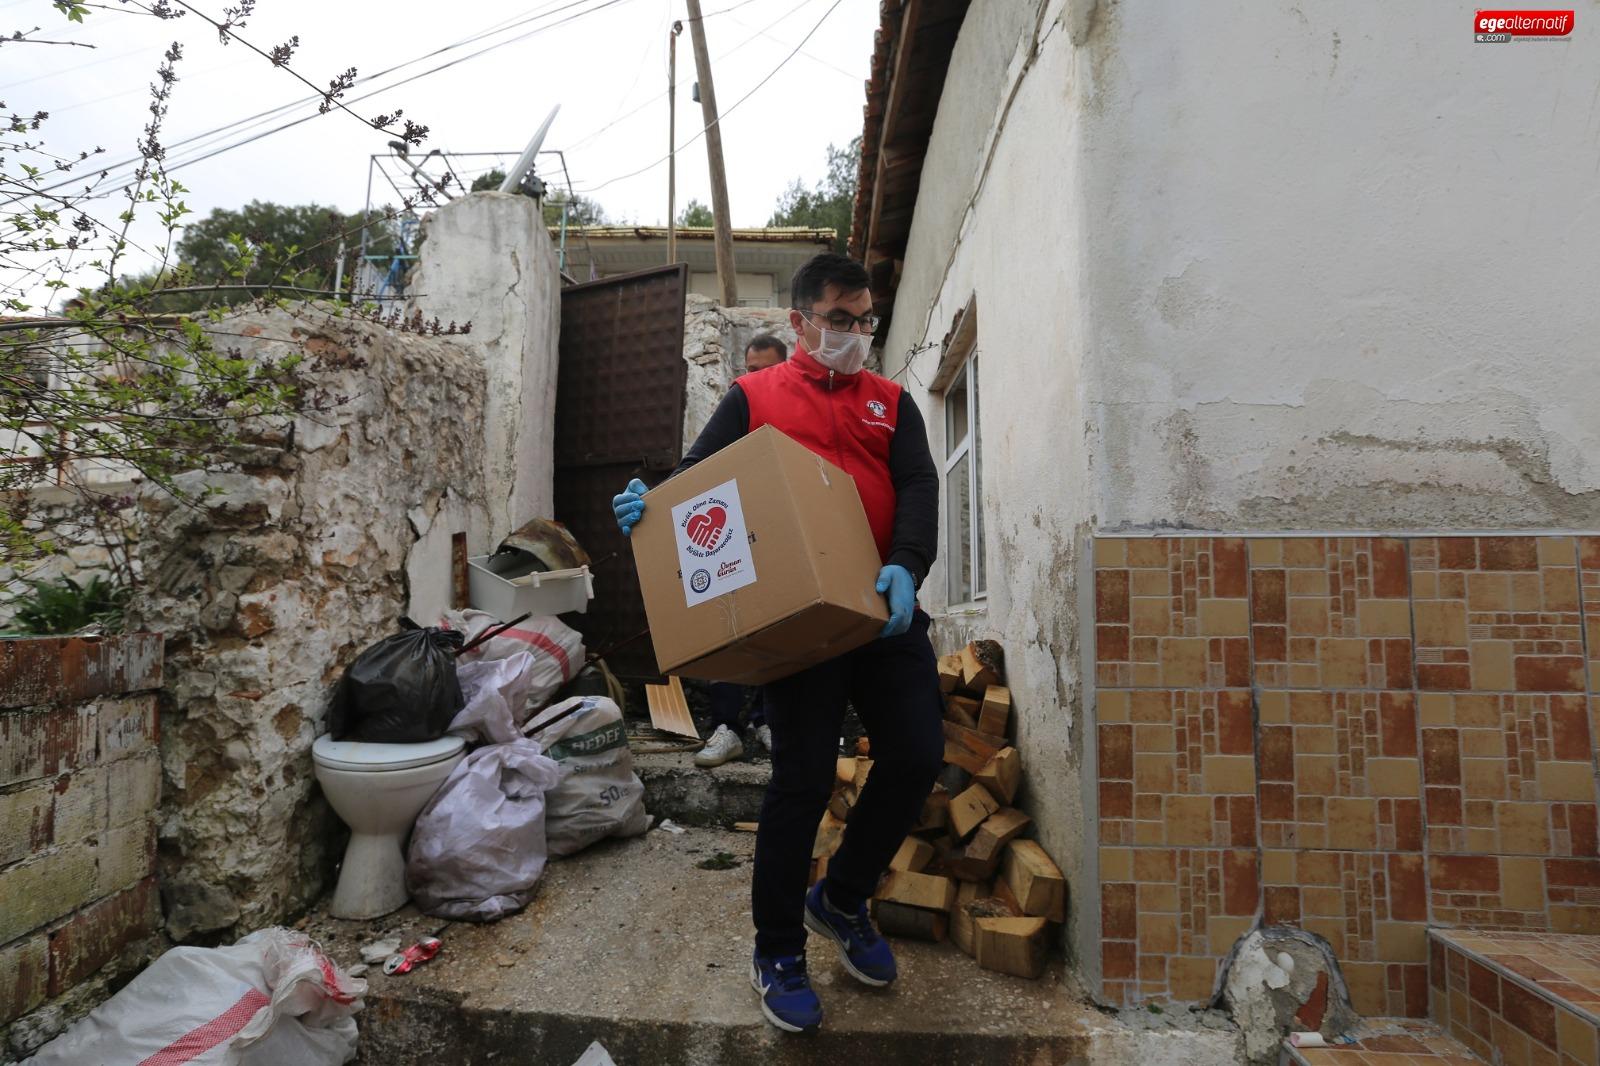 Muğla Büyükşehir, salgında vatandaşın yanında